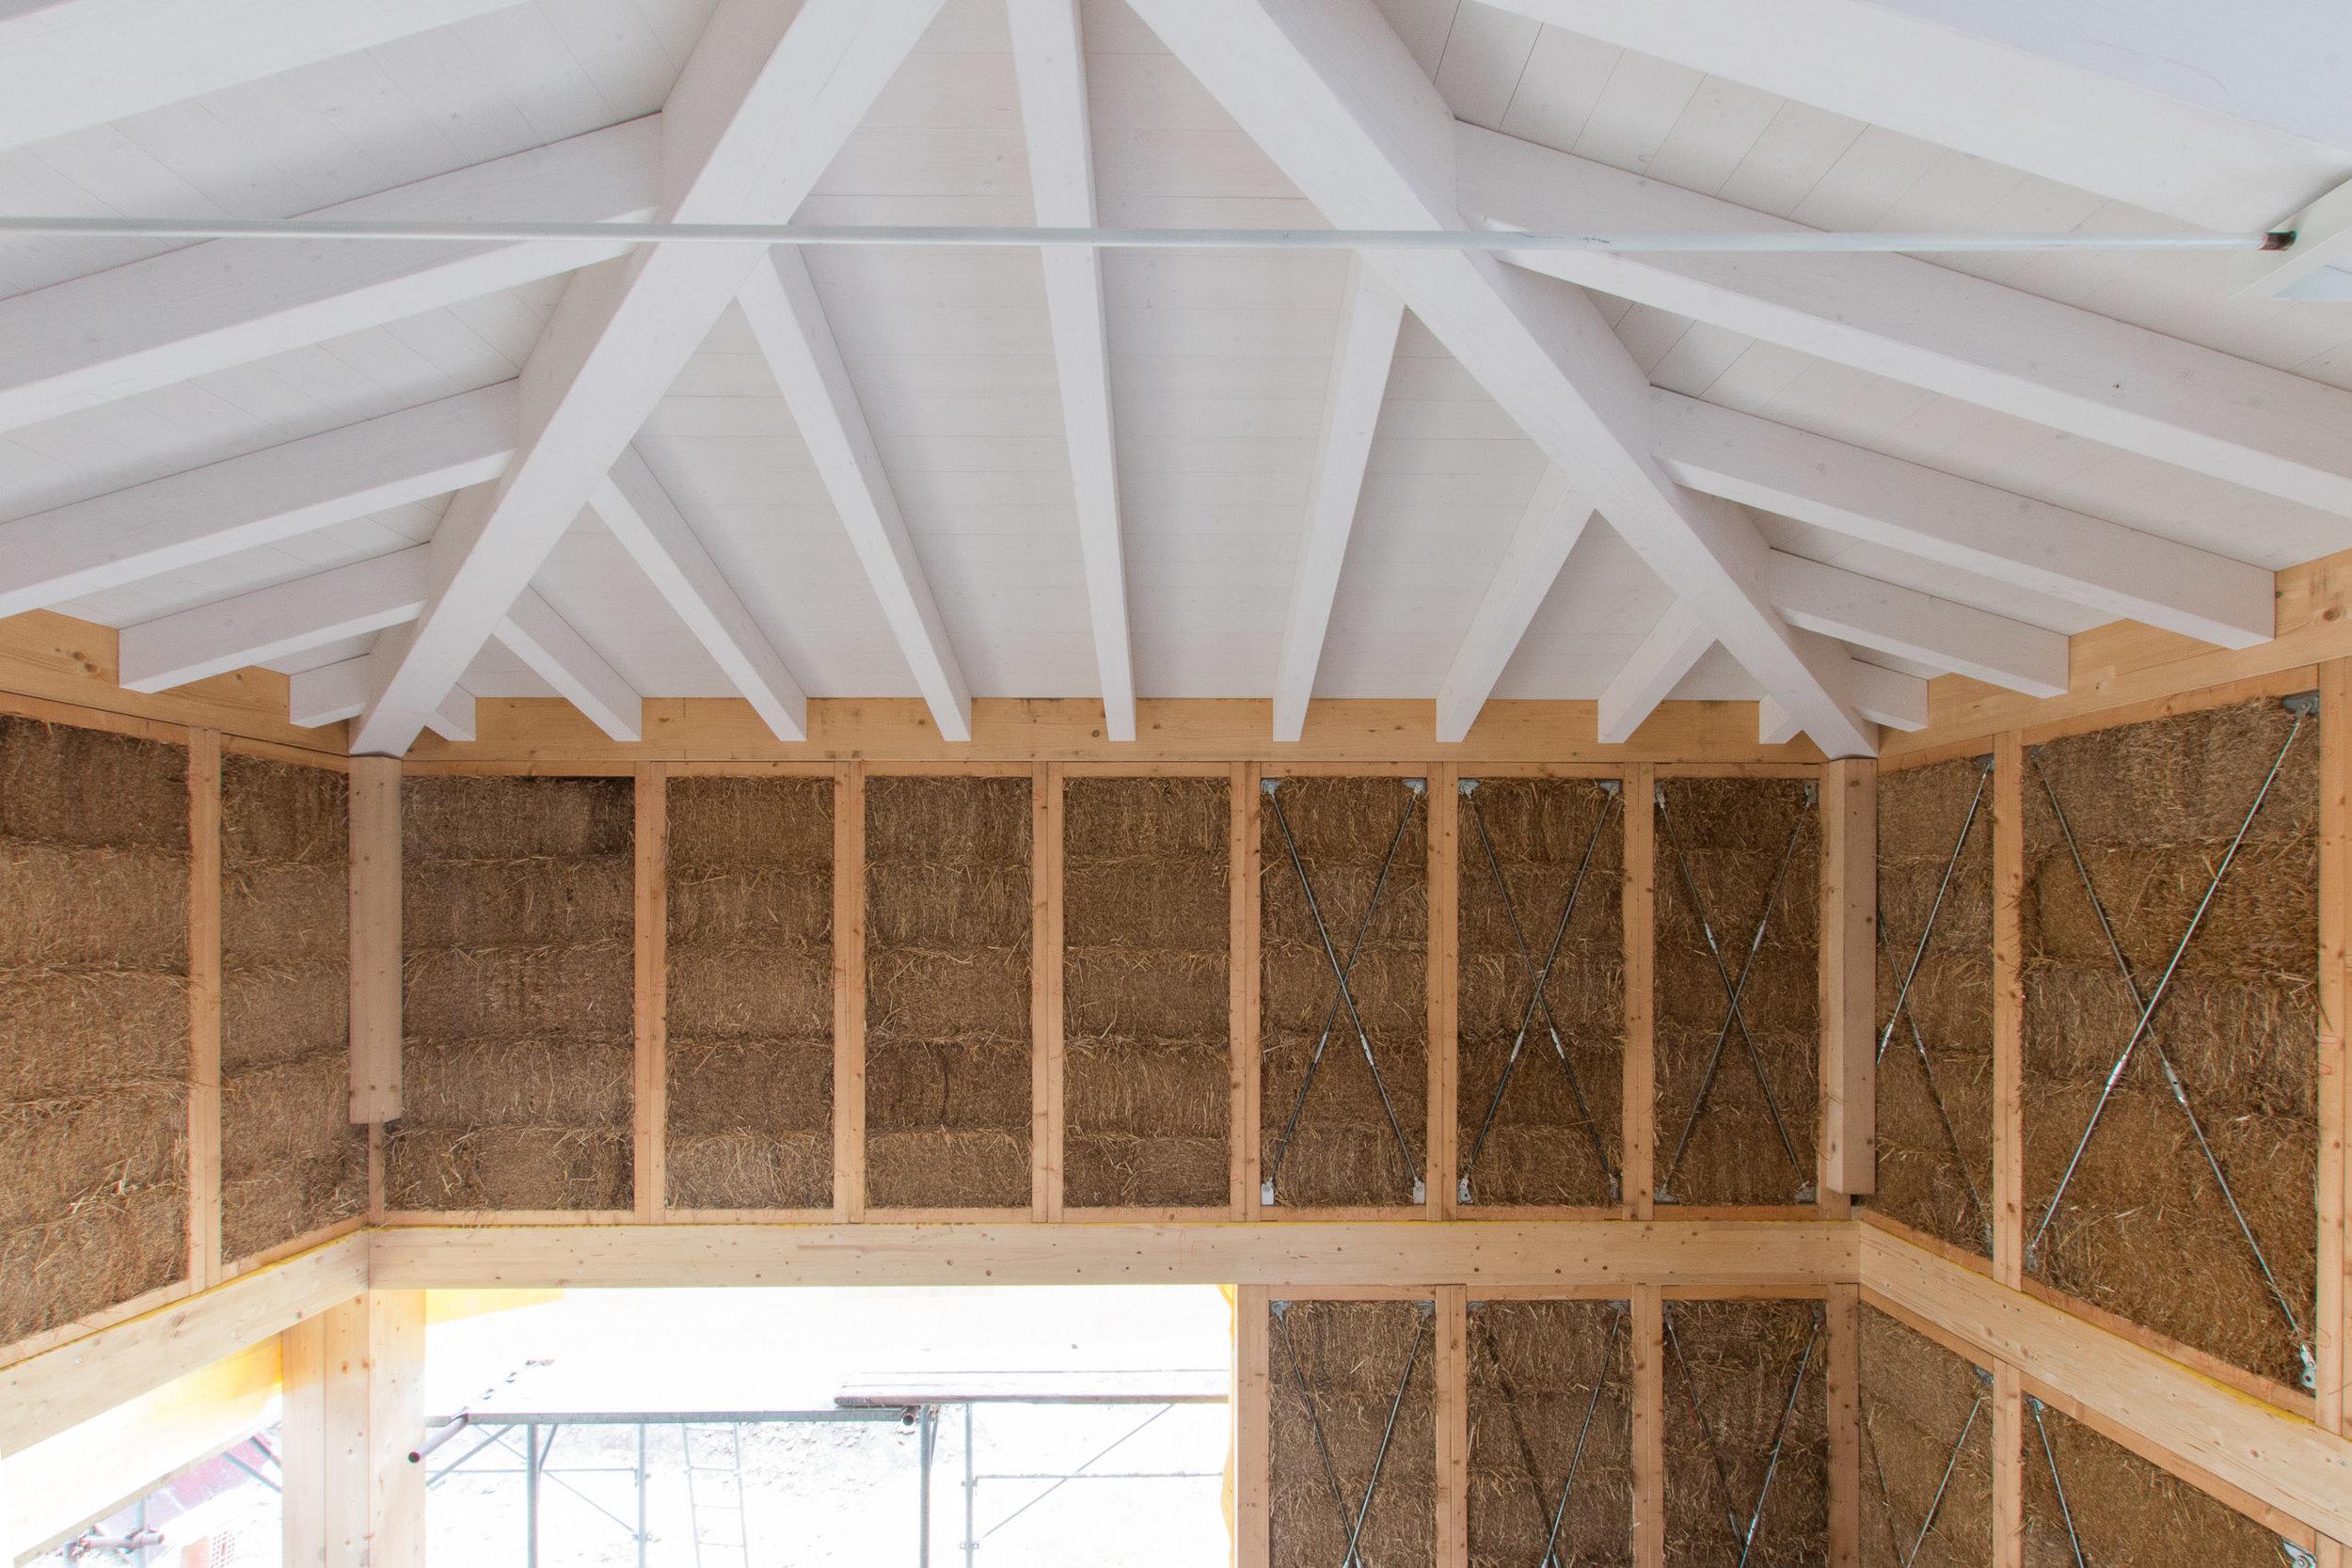 Il tetto in paglia posa su un cordolo in legno di partenza, appoggiato sui muri prefabbricati in paglia e legno